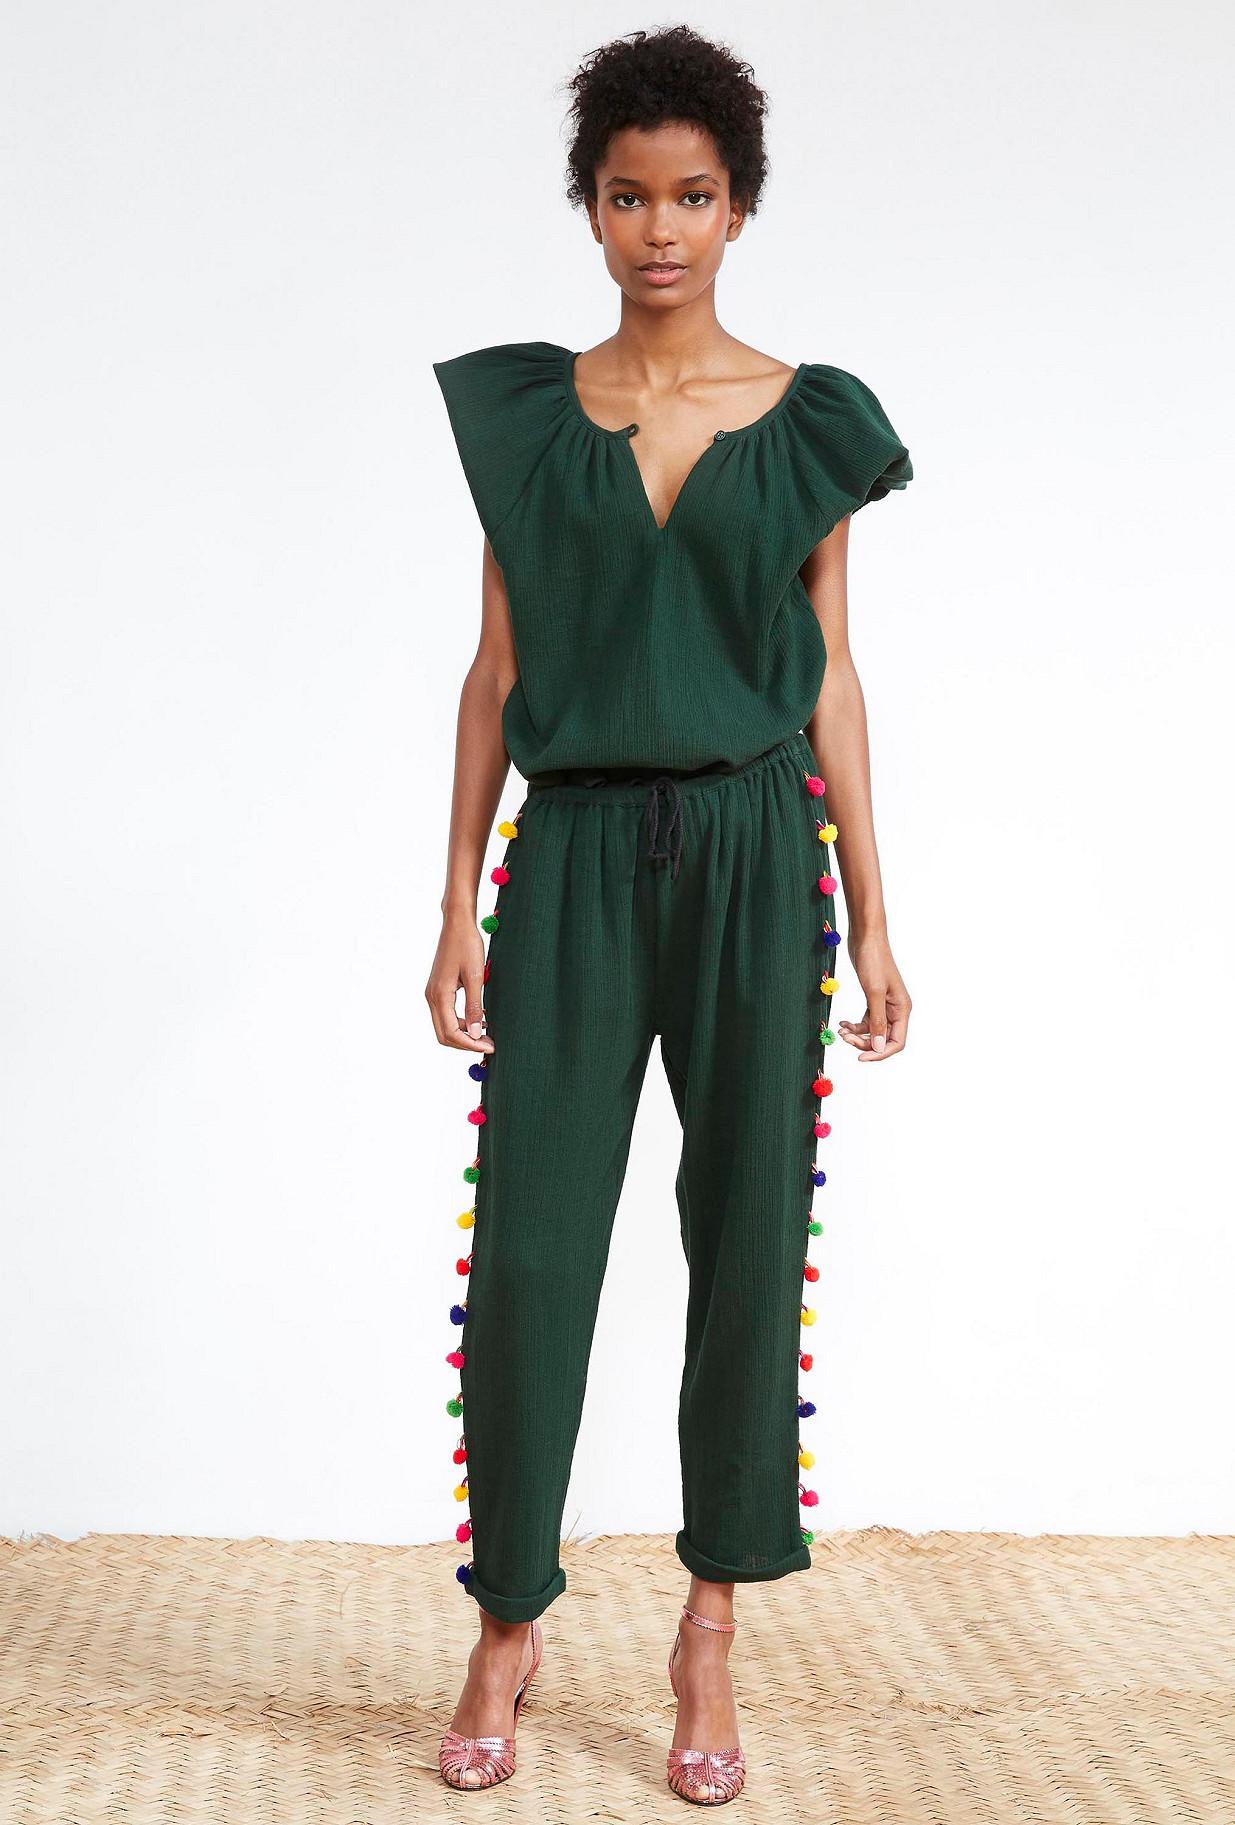 boutique de pantalon femme isba mode createur paris. Black Bedroom Furniture Sets. Home Design Ideas